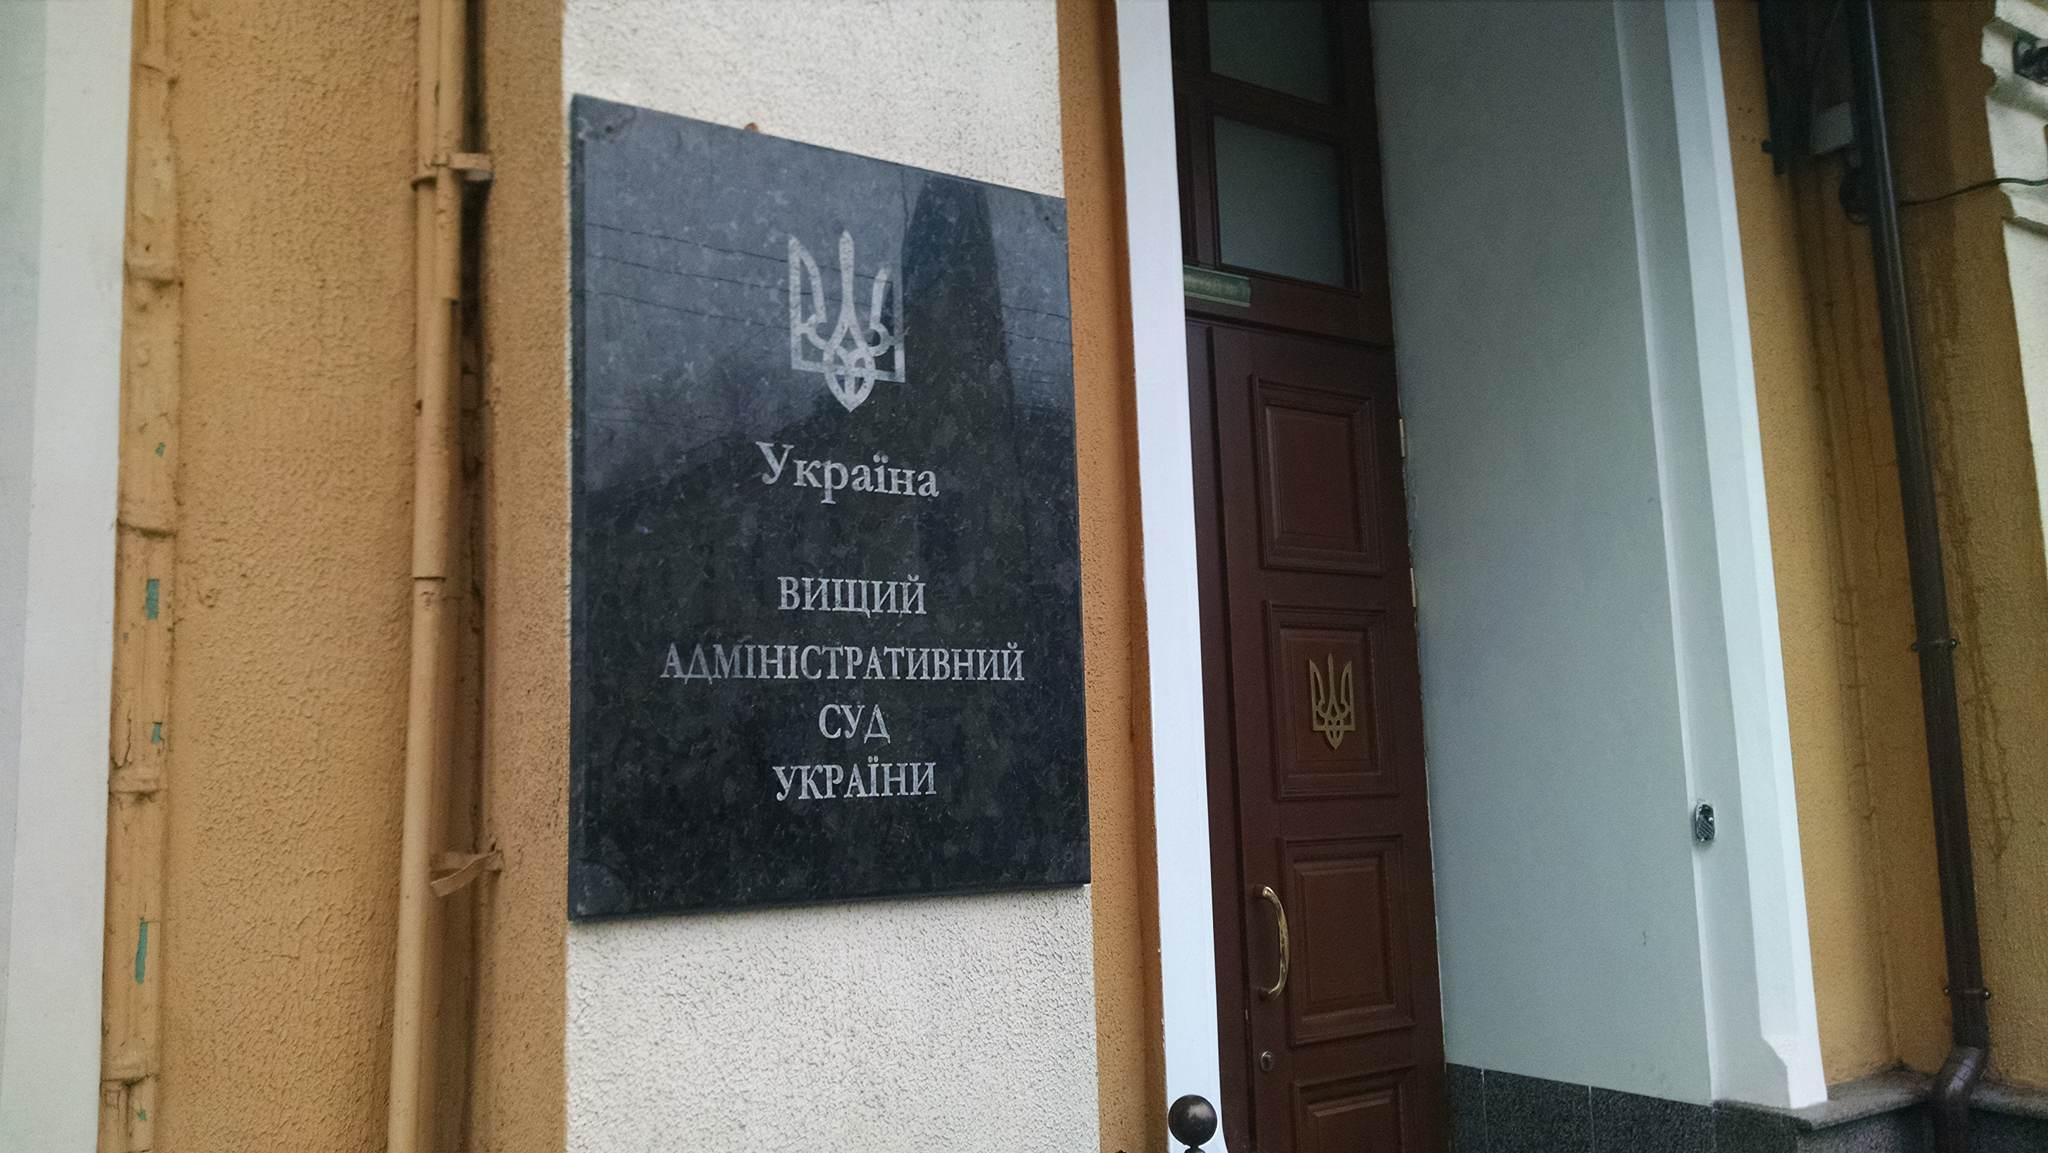 https://gx.net.ua/news_images/1513243526.jpg